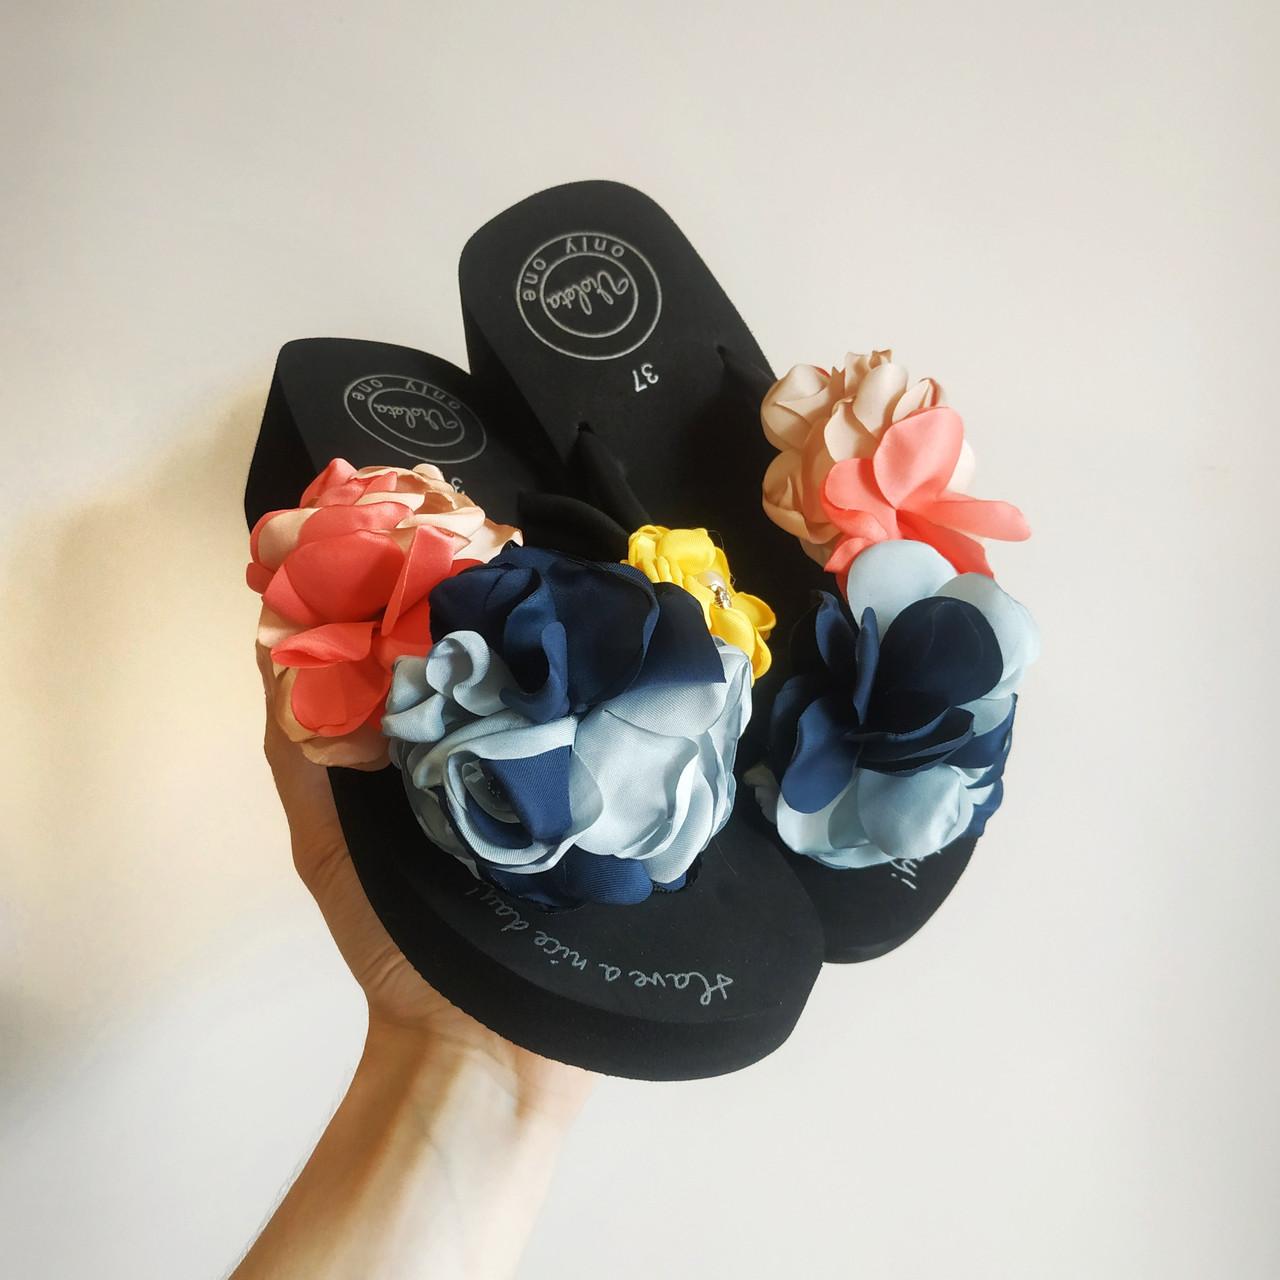 36. 37  Вьетнамки с цветком на танкетке черные с цветками шлепки шлепанцы на каблуке платформе тапки тапочки